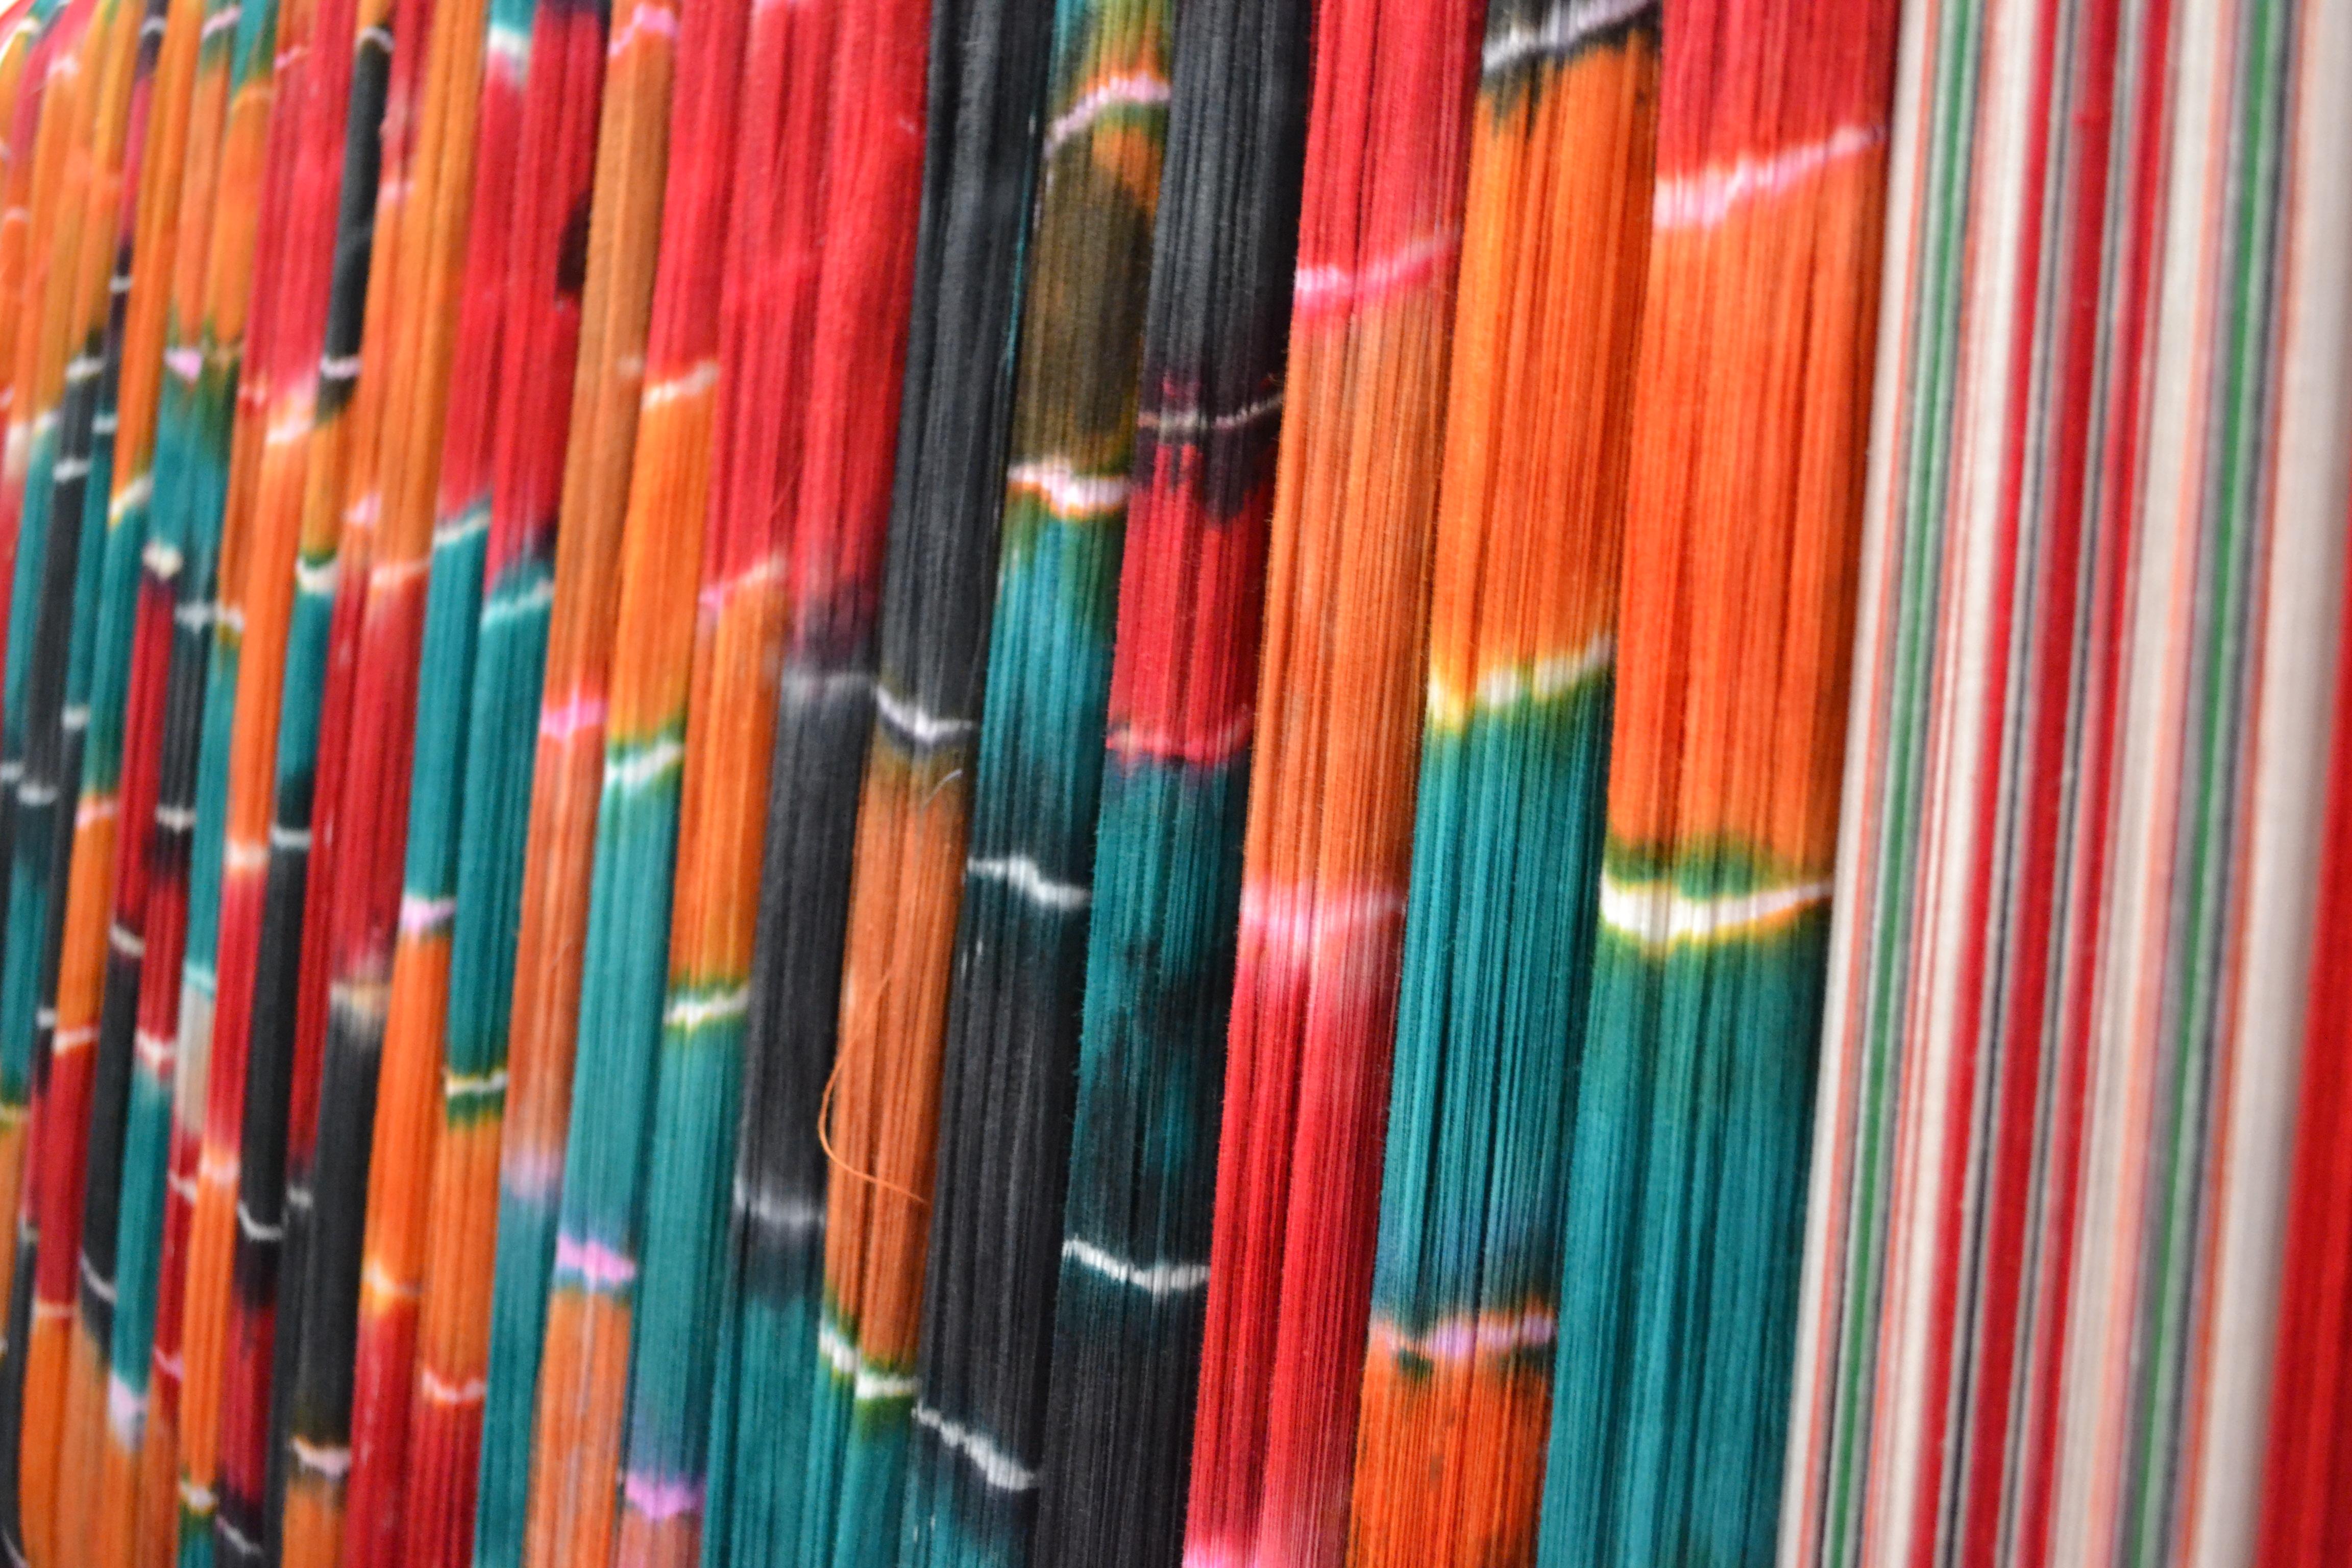 Gamcha-Handloom-woven-textile